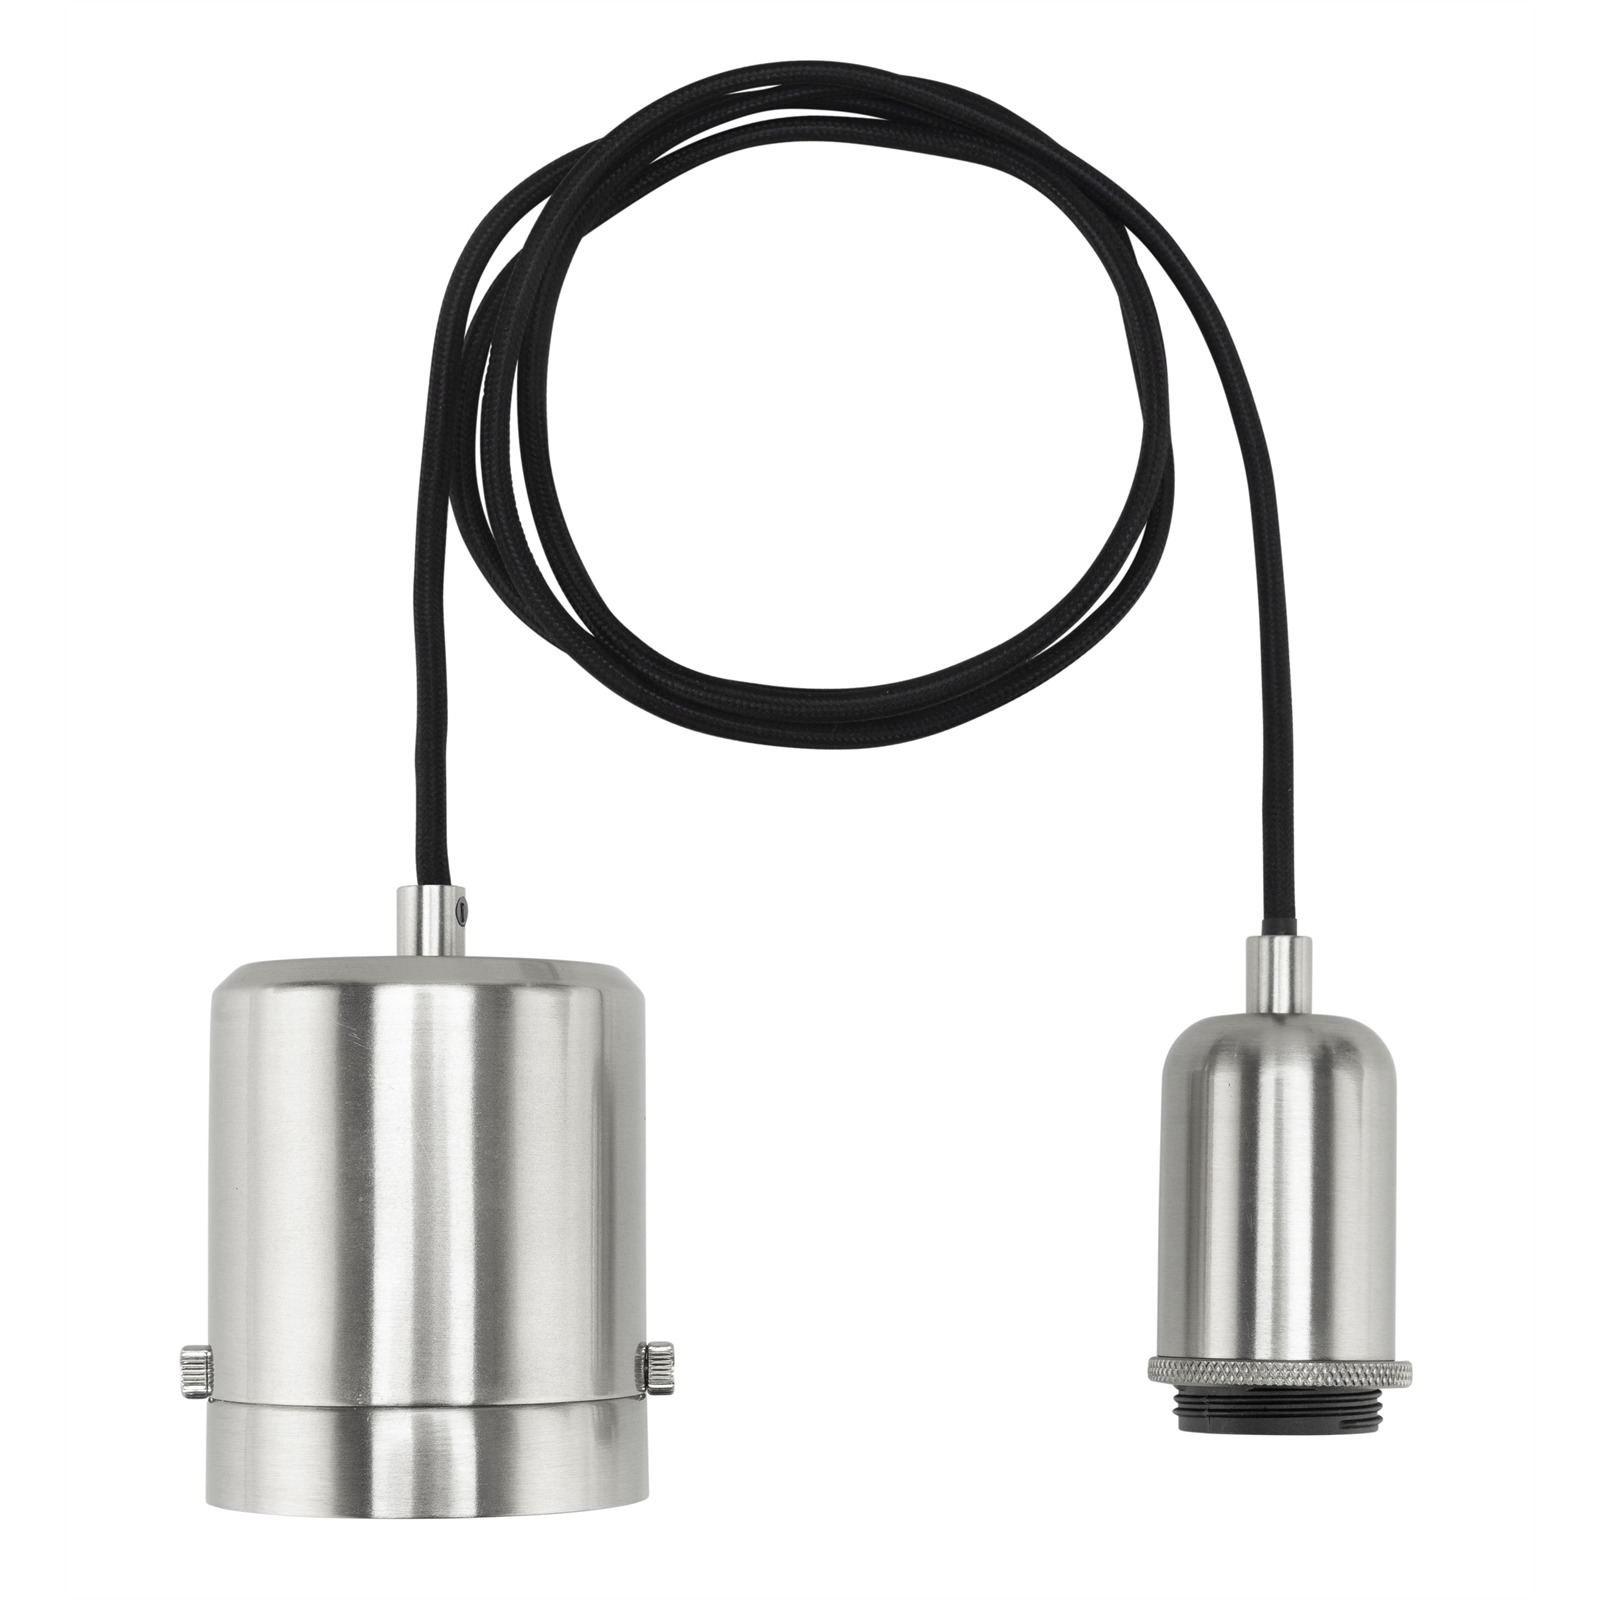 Brilliant Chrome Maggie Plug-In DIY Shade Holding Suspension Pendant